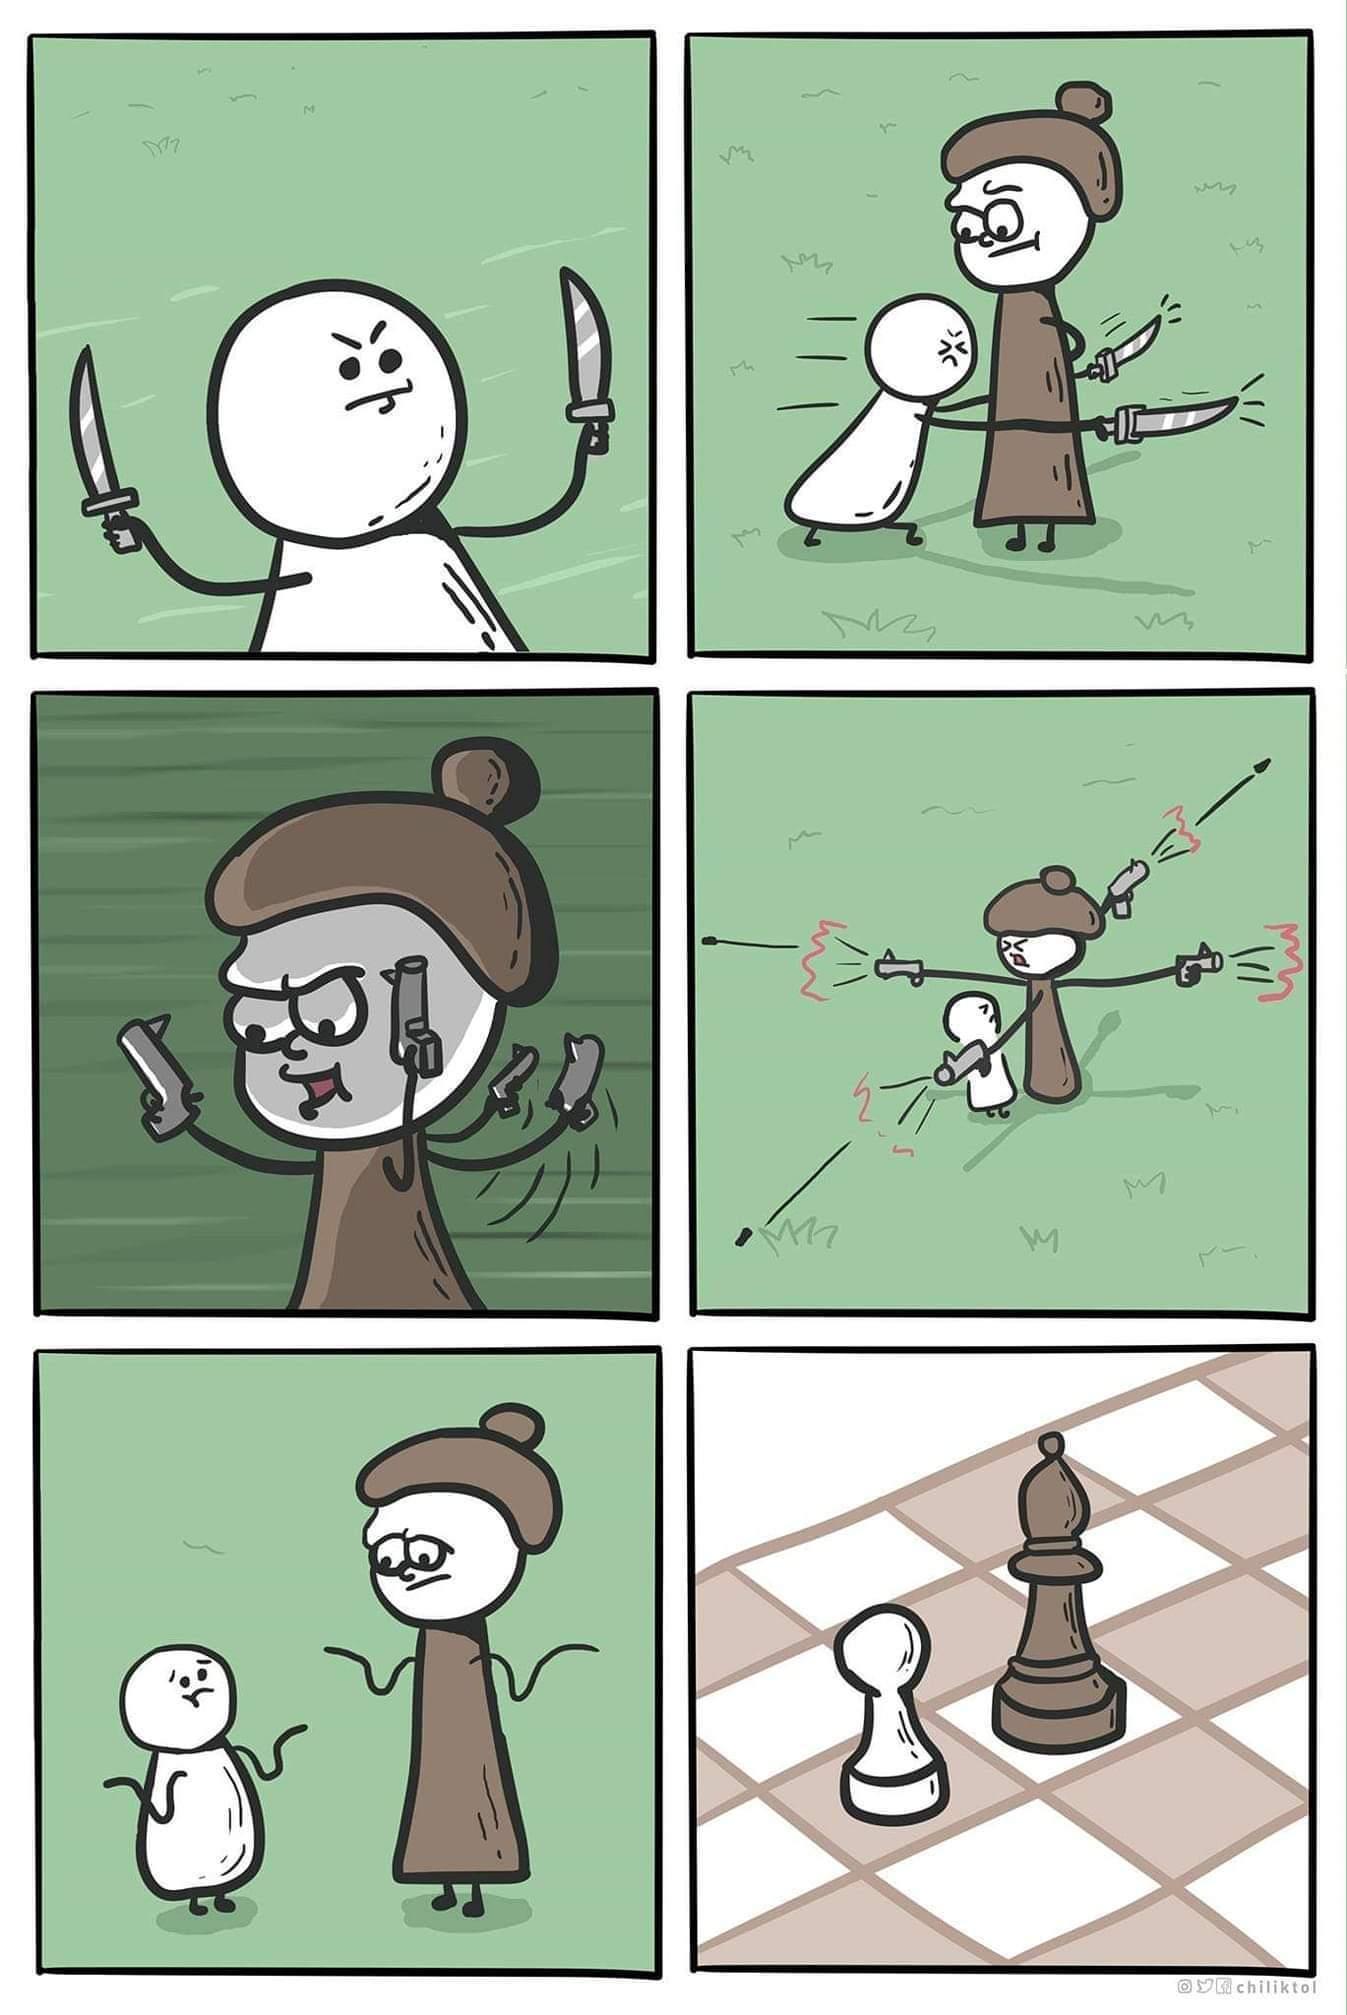 How chess works - meme